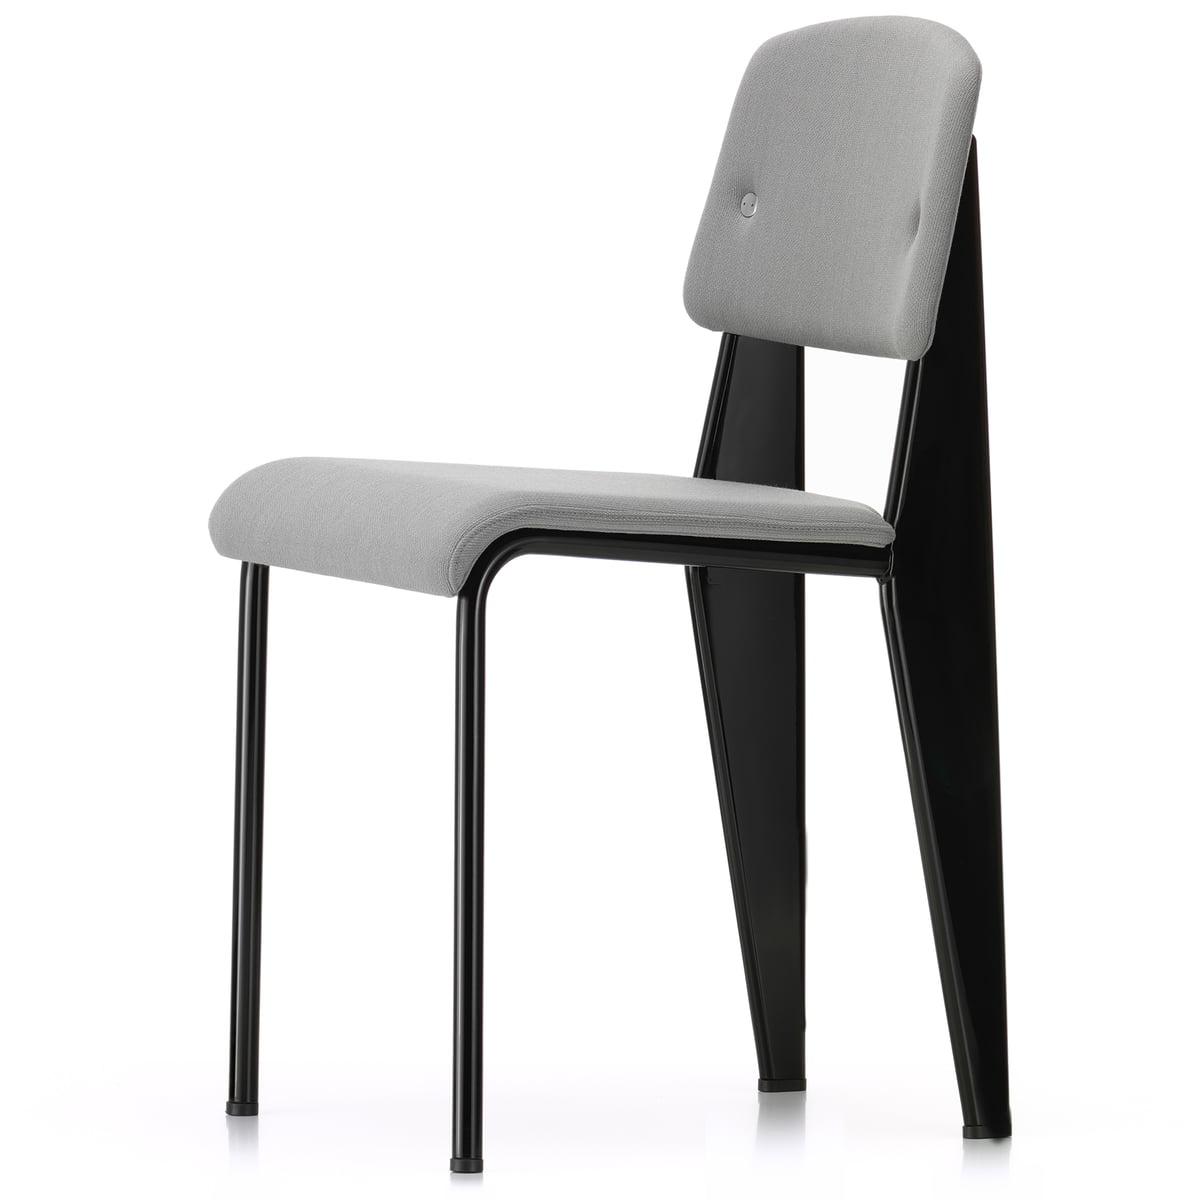 Standard SR Stuhl von Vitra